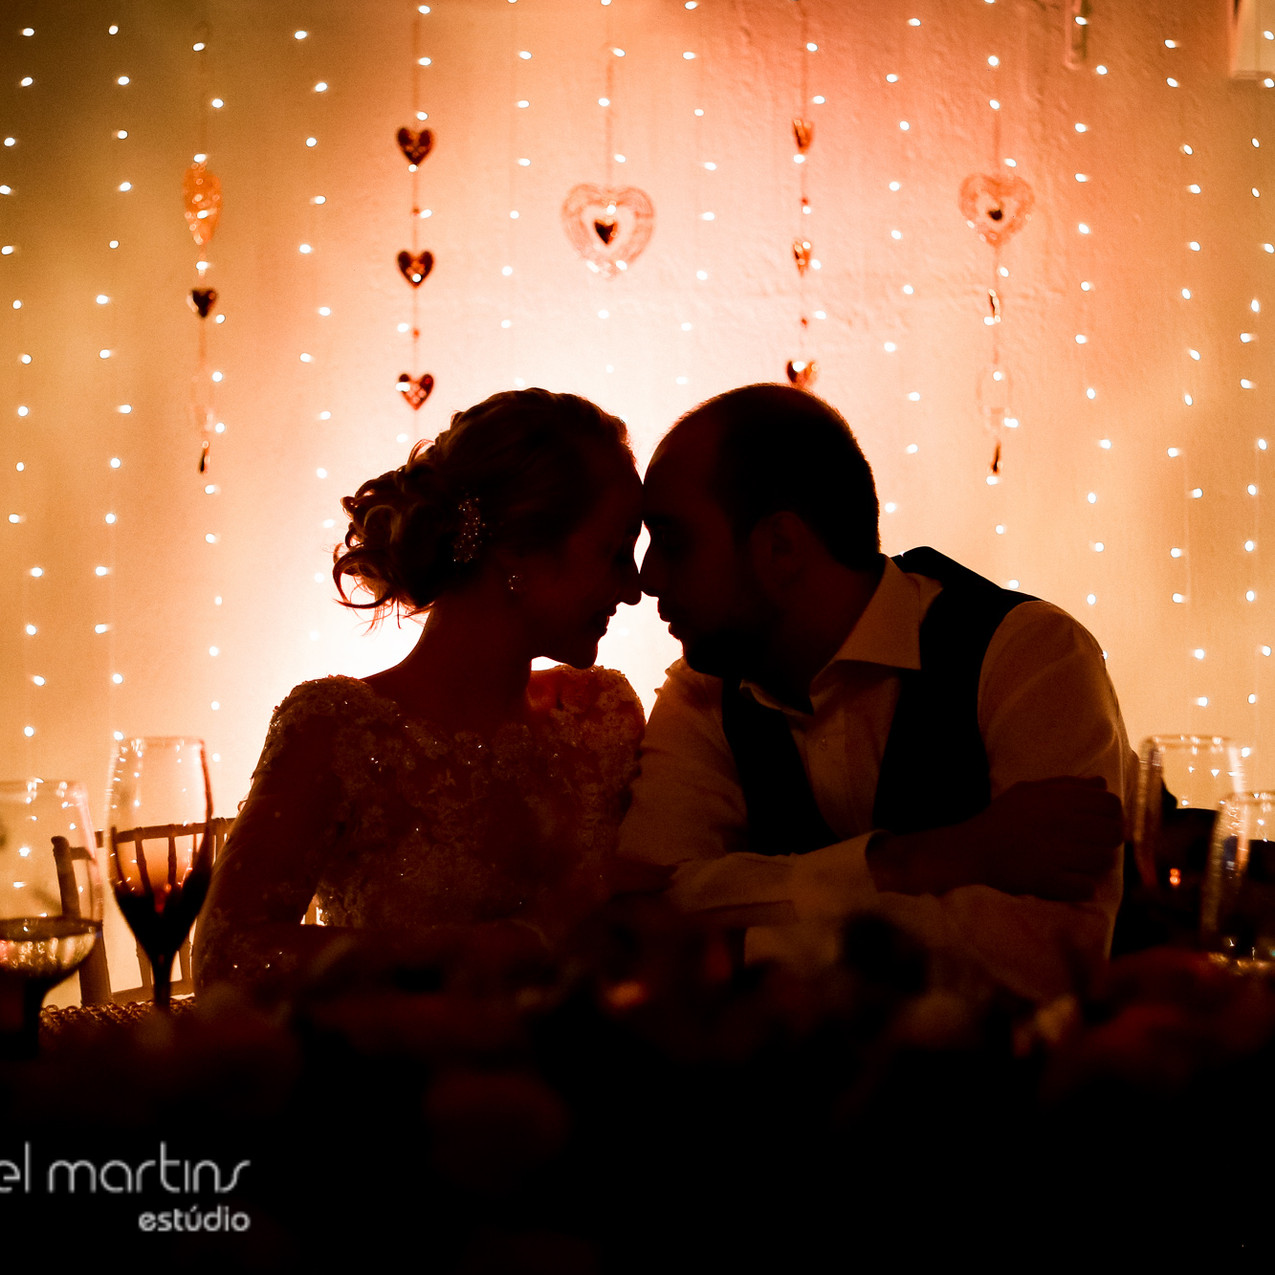 BeR-1410-fotografo-casamento-wedding-gotadagua-rustico-brunaeraul-boho-diy-portoalegre-daniel-martins